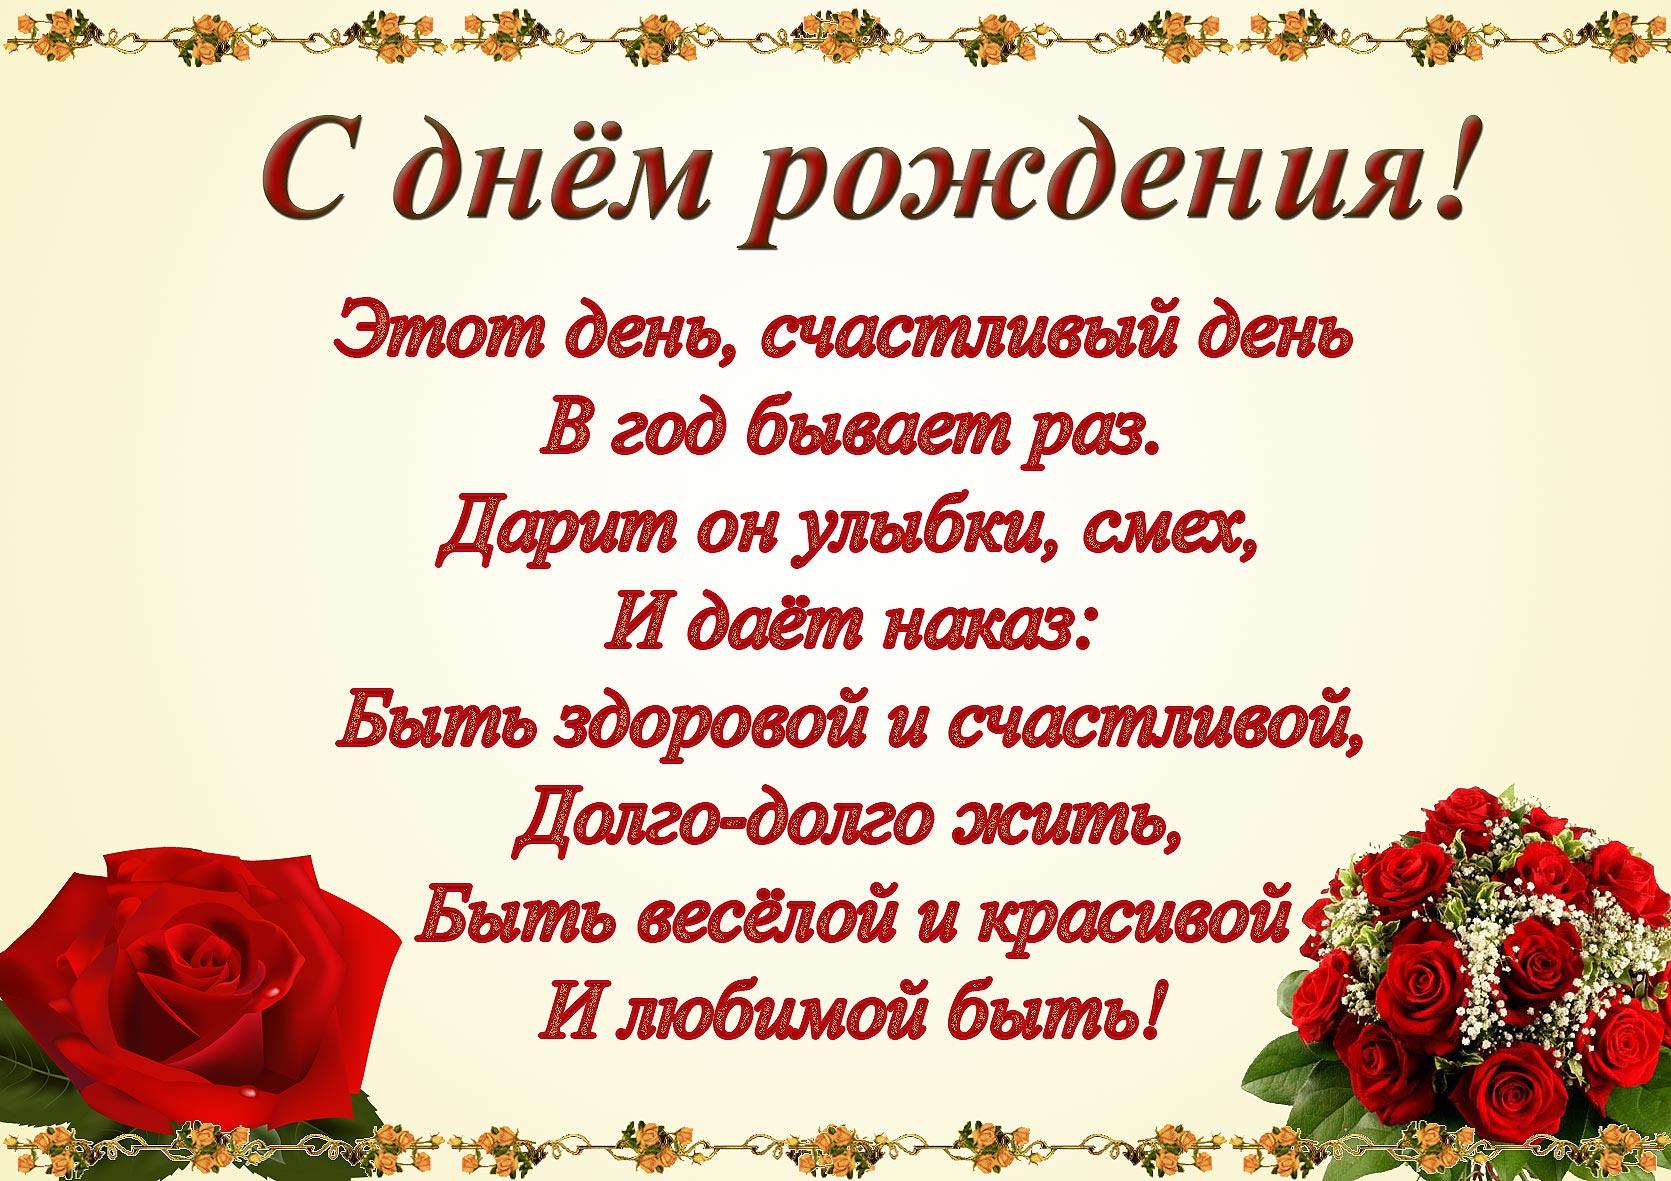 С днем рождения картинки цветы и поздравления